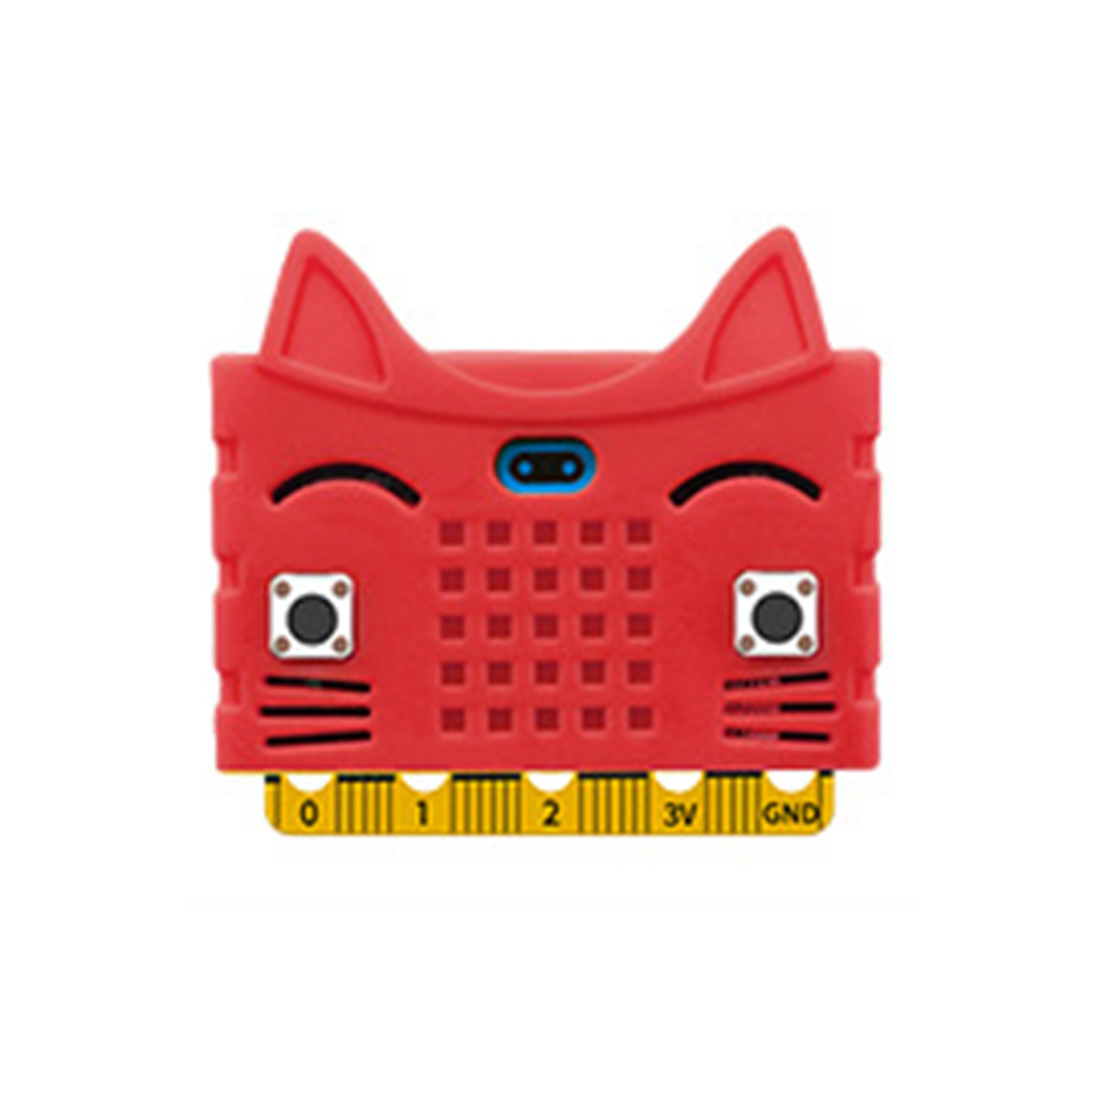 Экологичное уплотнение/тигр/в форме кота силиконовый защитный корпус Крышка корпуса для Micro: Плата расширения бита Bue/красный/оранжевый - Цвет: 12